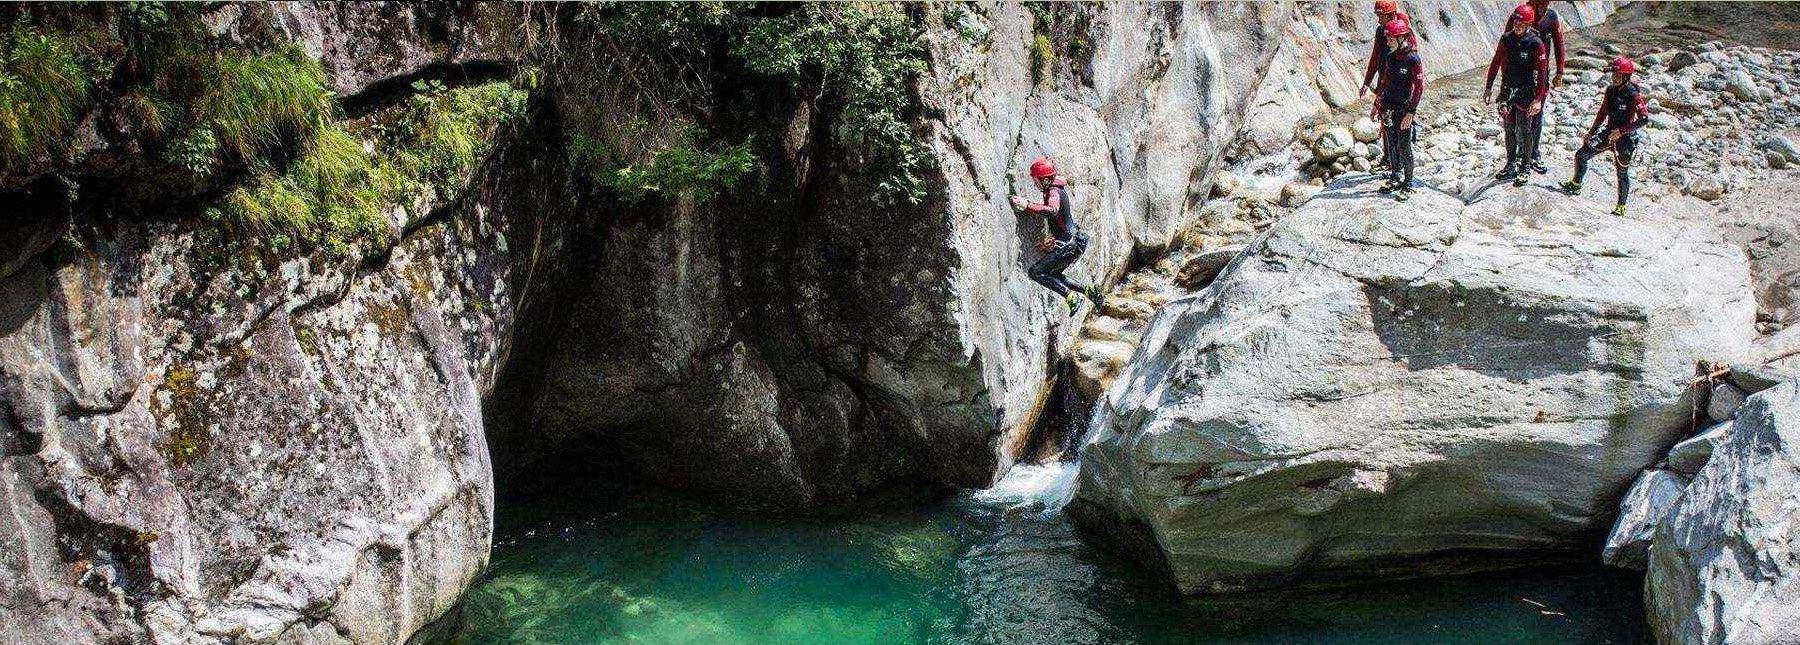 Marbella Canyoning